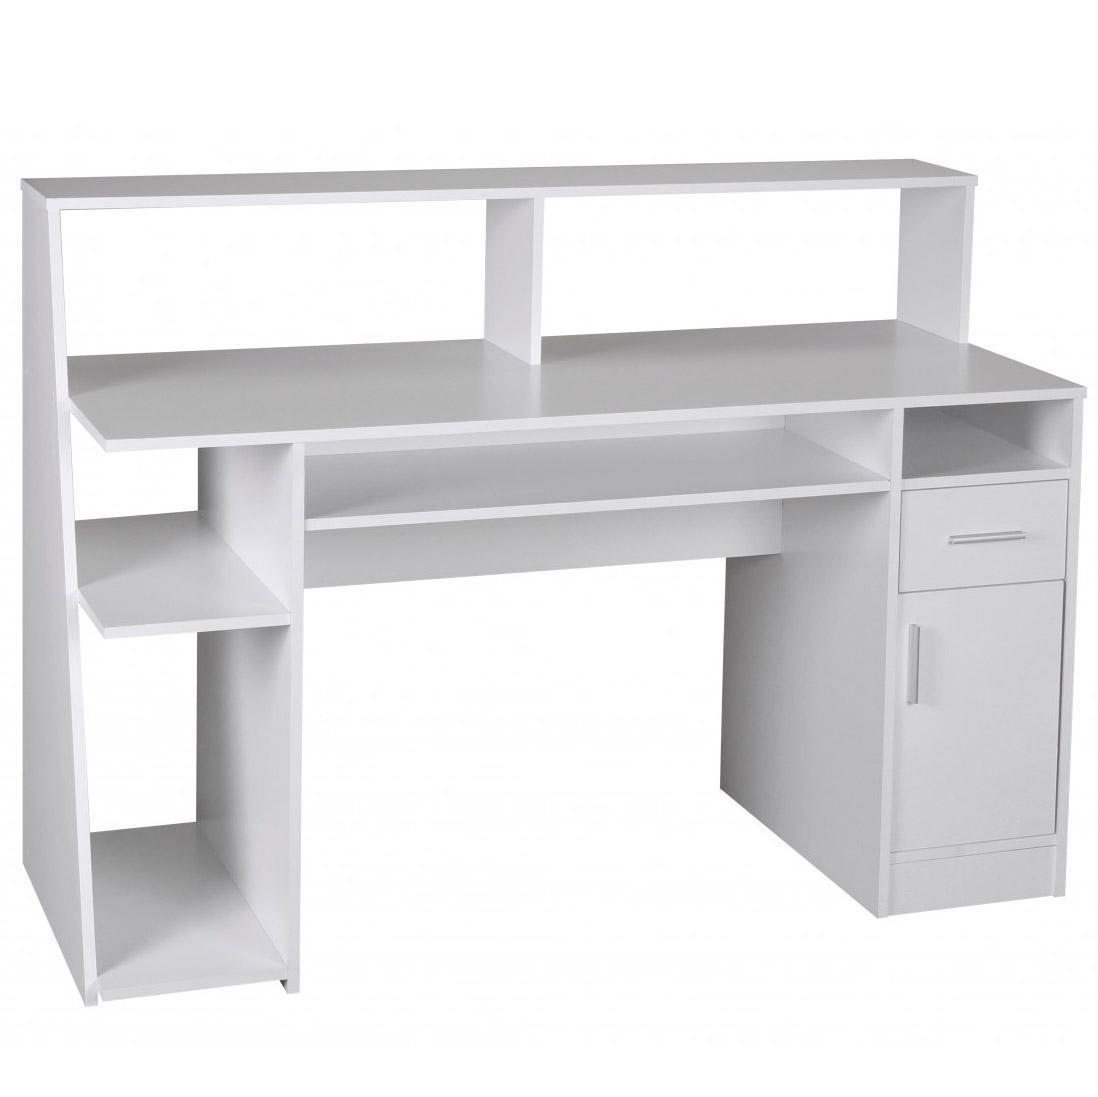 Top 5 design per scrivania con cassettiera - Sediadaufficio: Novità ...